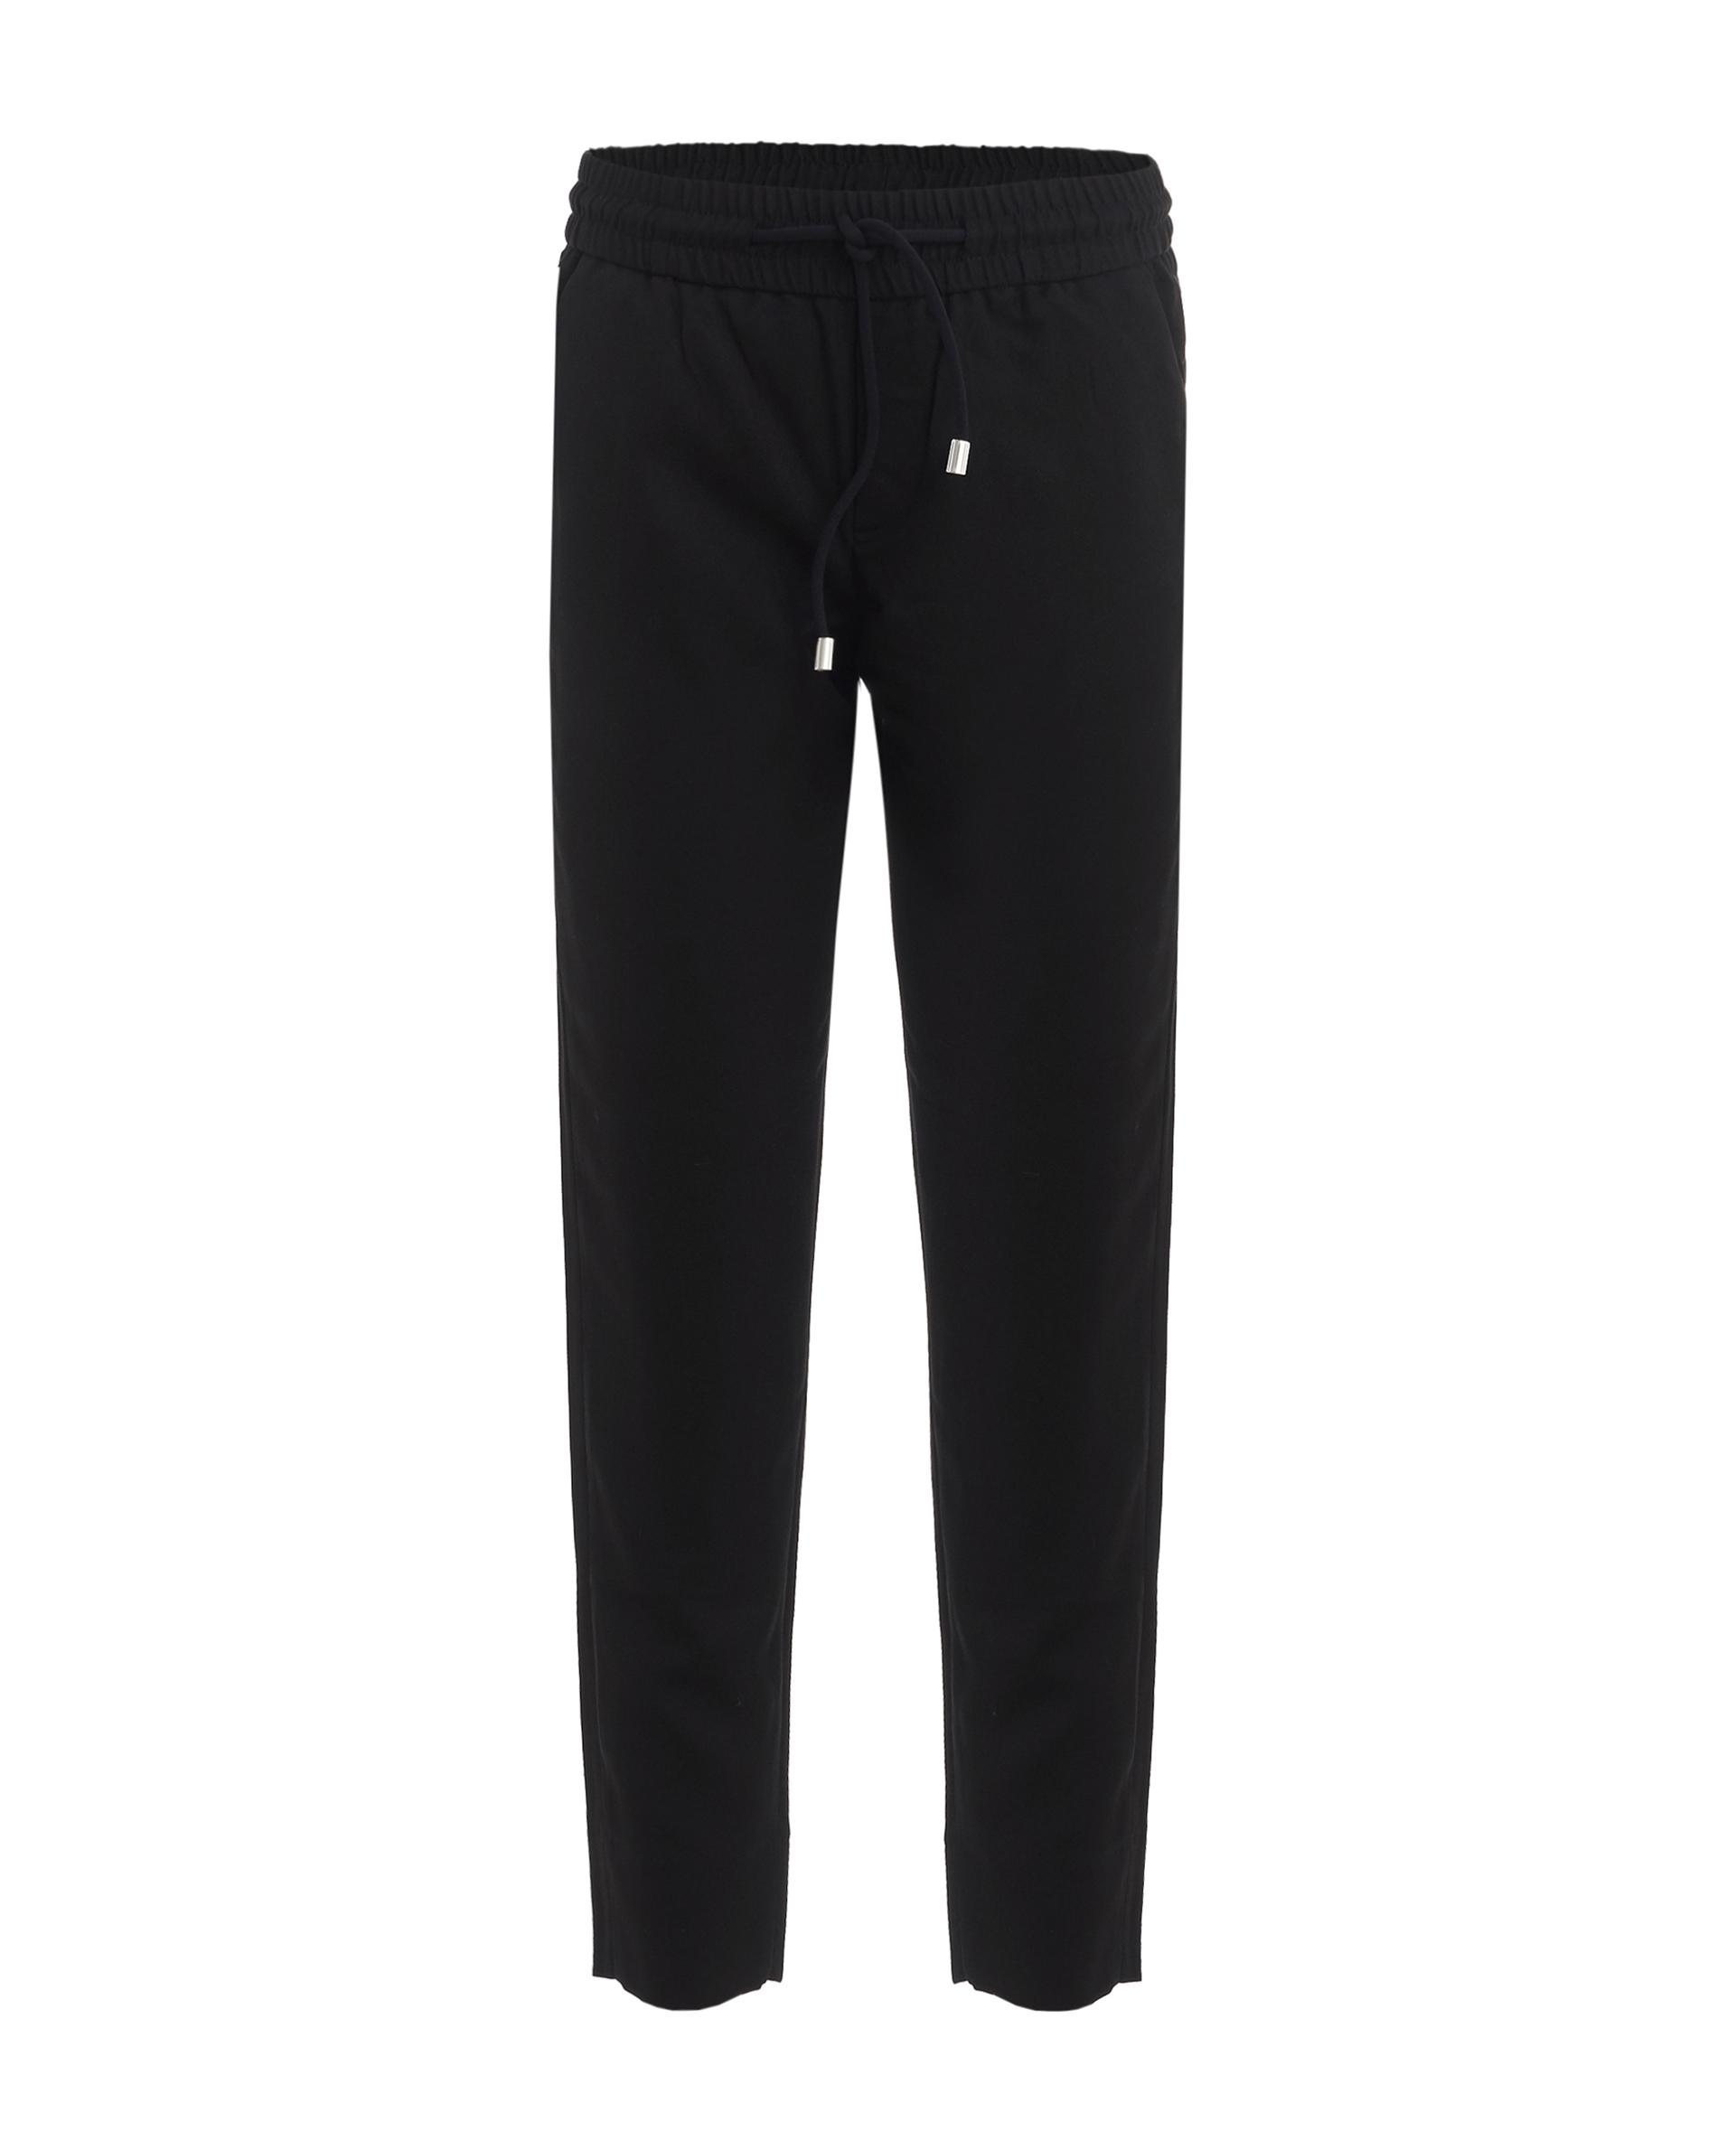 Купить 219GSGC6306, Черные брюки на резинке Gulliver, черный, 140, Женский, ШКОЛЬНАЯ ФОРМА 2019-2020 (shop: GulliverMarket Gulliver Market)